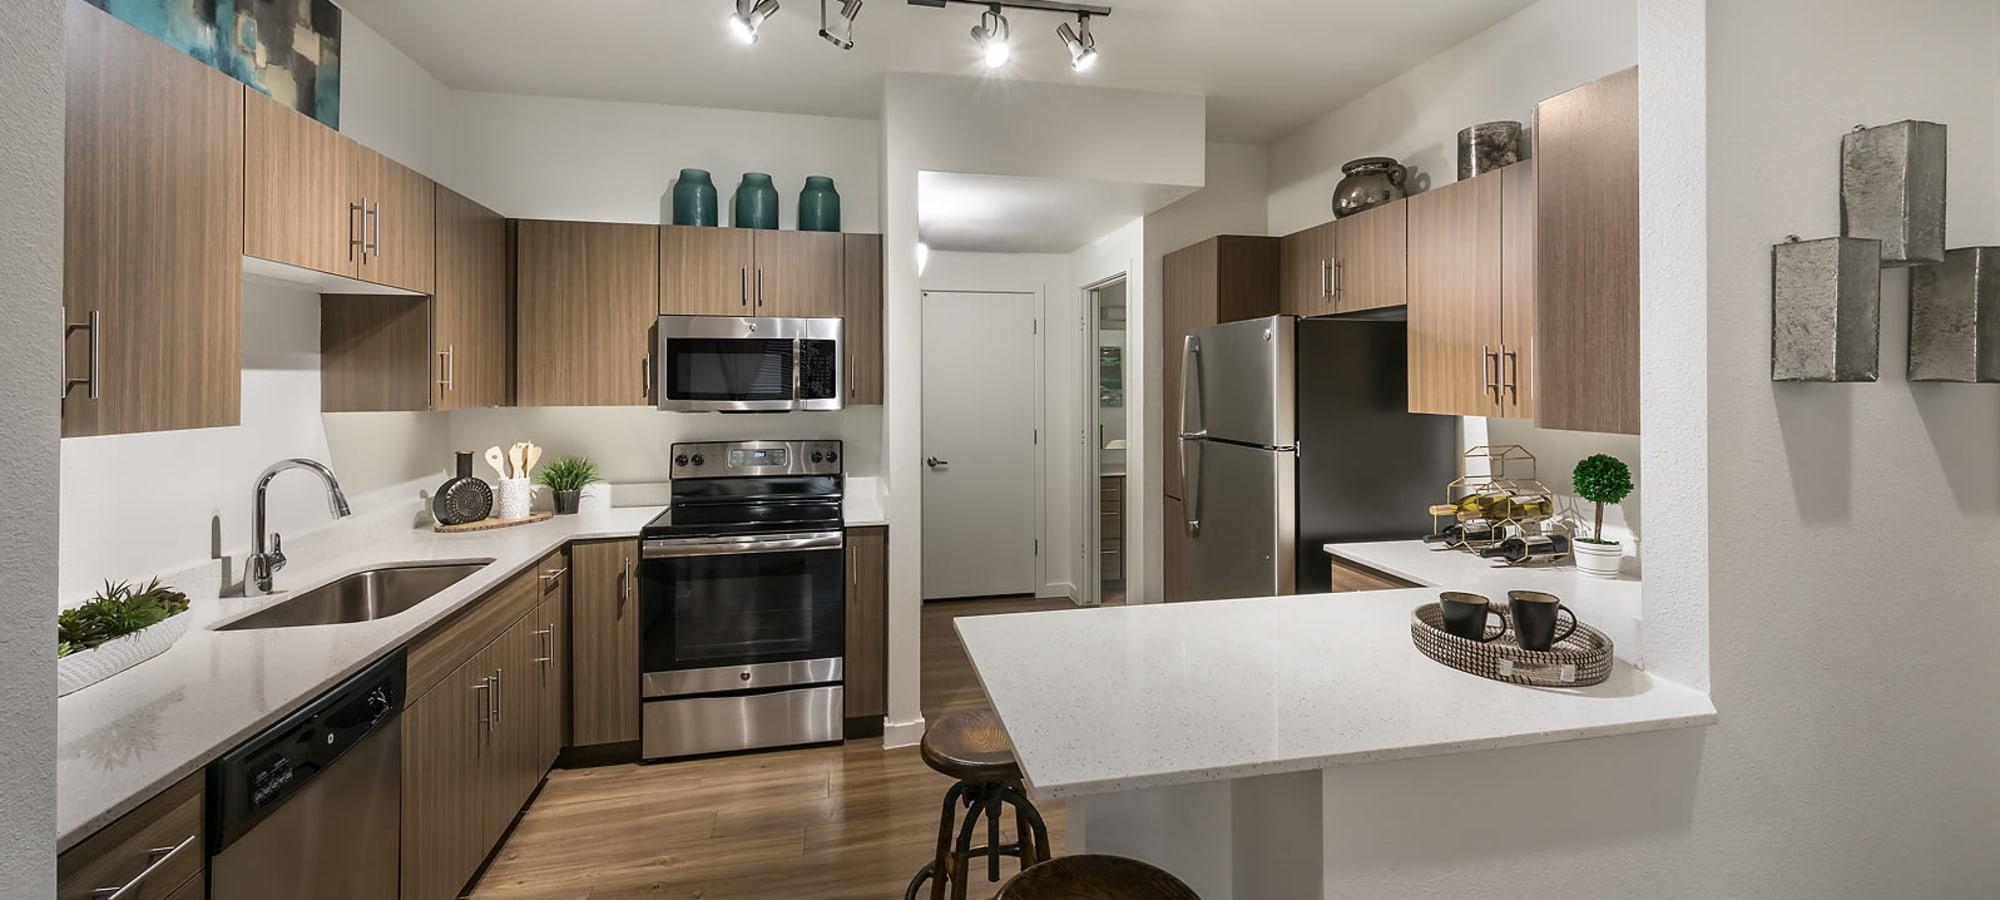 Beautiful luxury kitchen at The Maxx 159 in Goodyear, Arizona